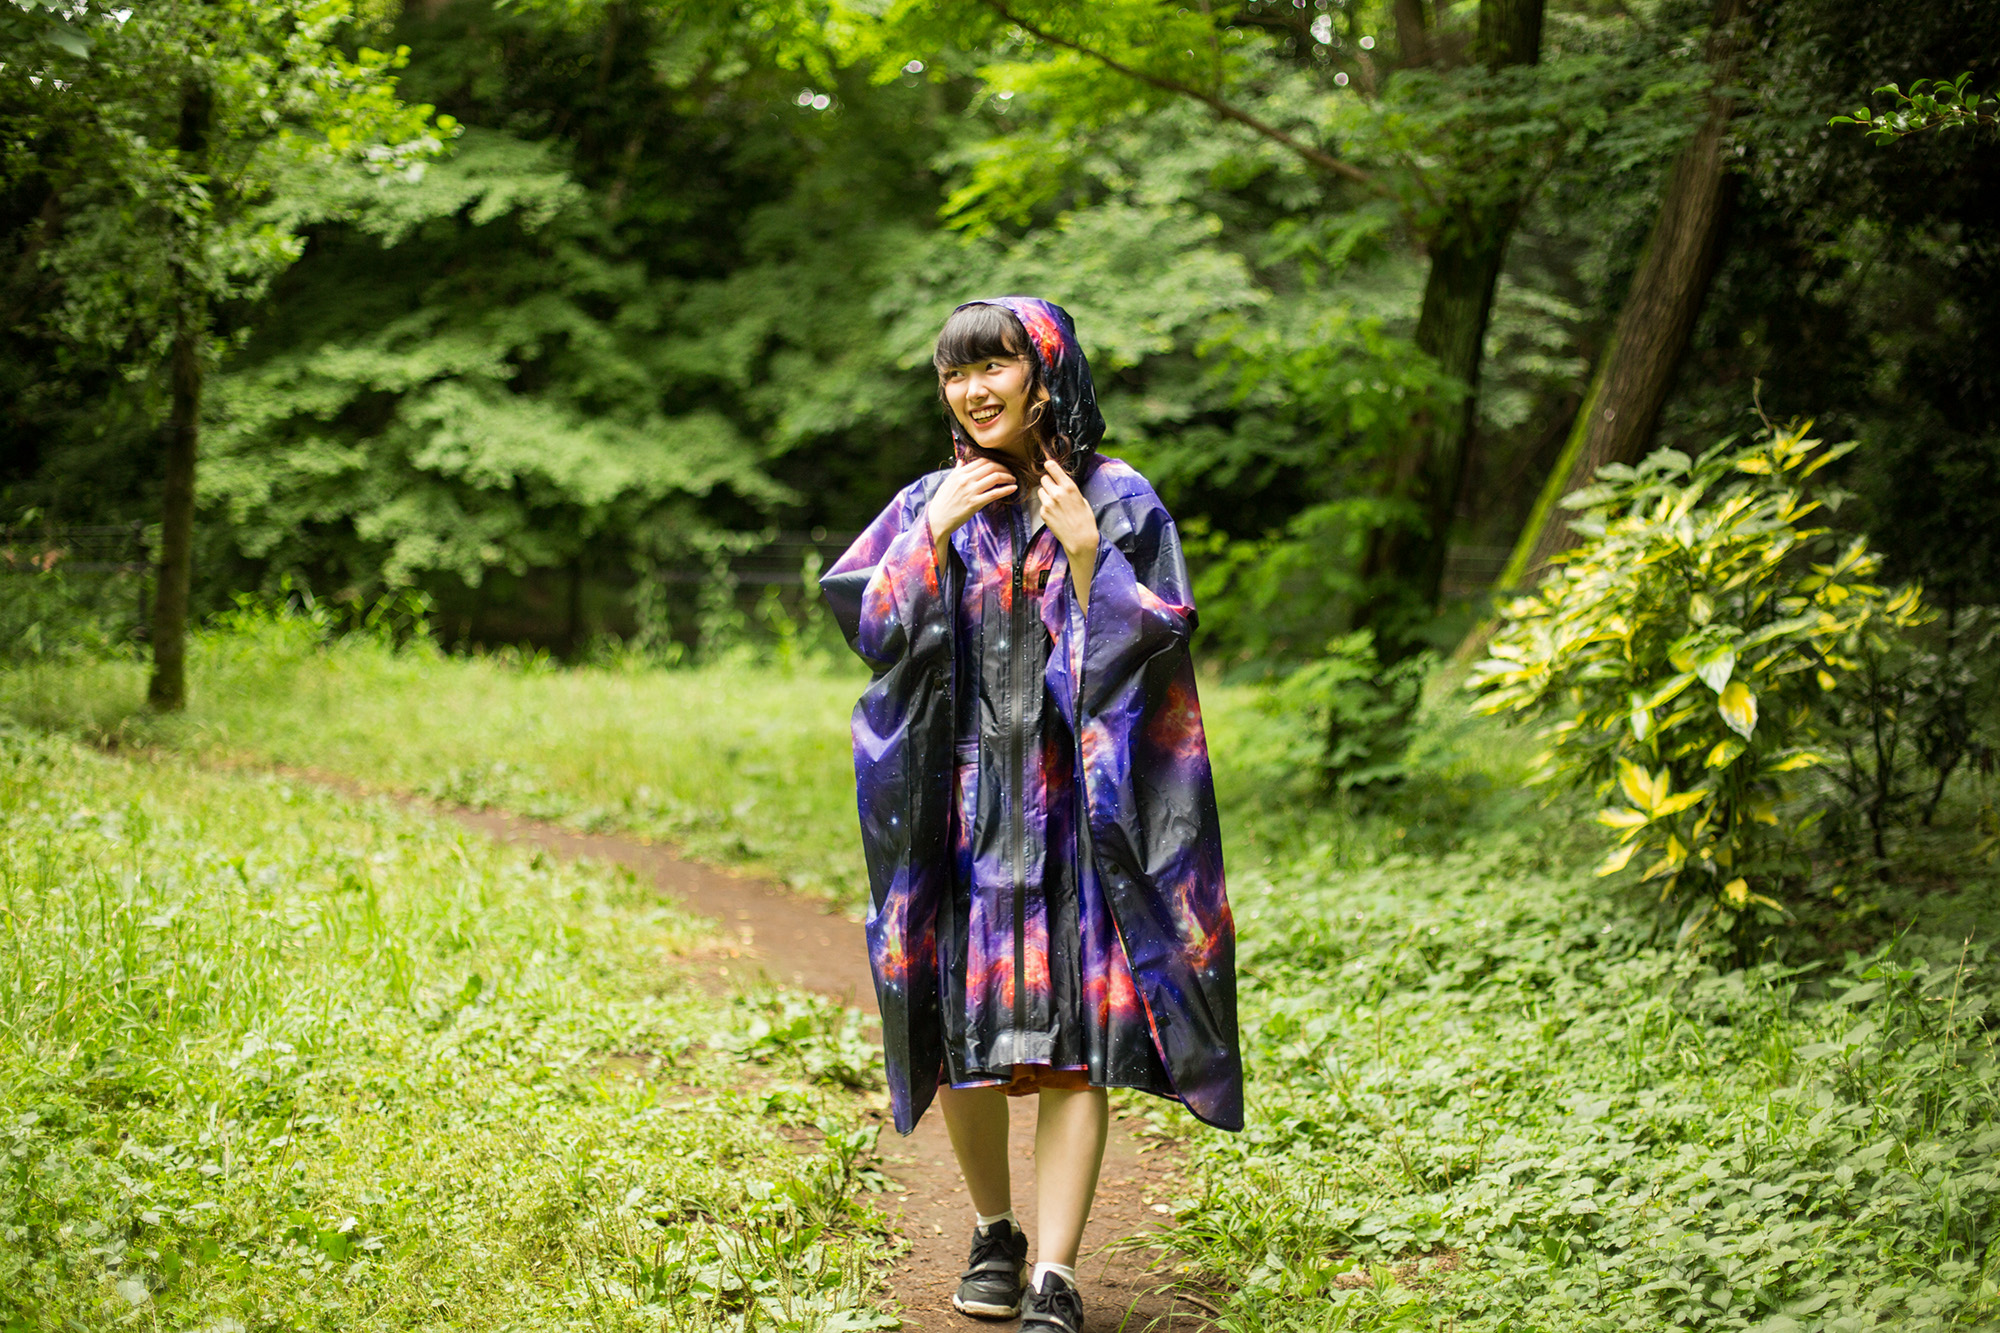 【フェスファッション】フジロックにも着ていきたい!2016年、夏フェスコーデ R7A4027